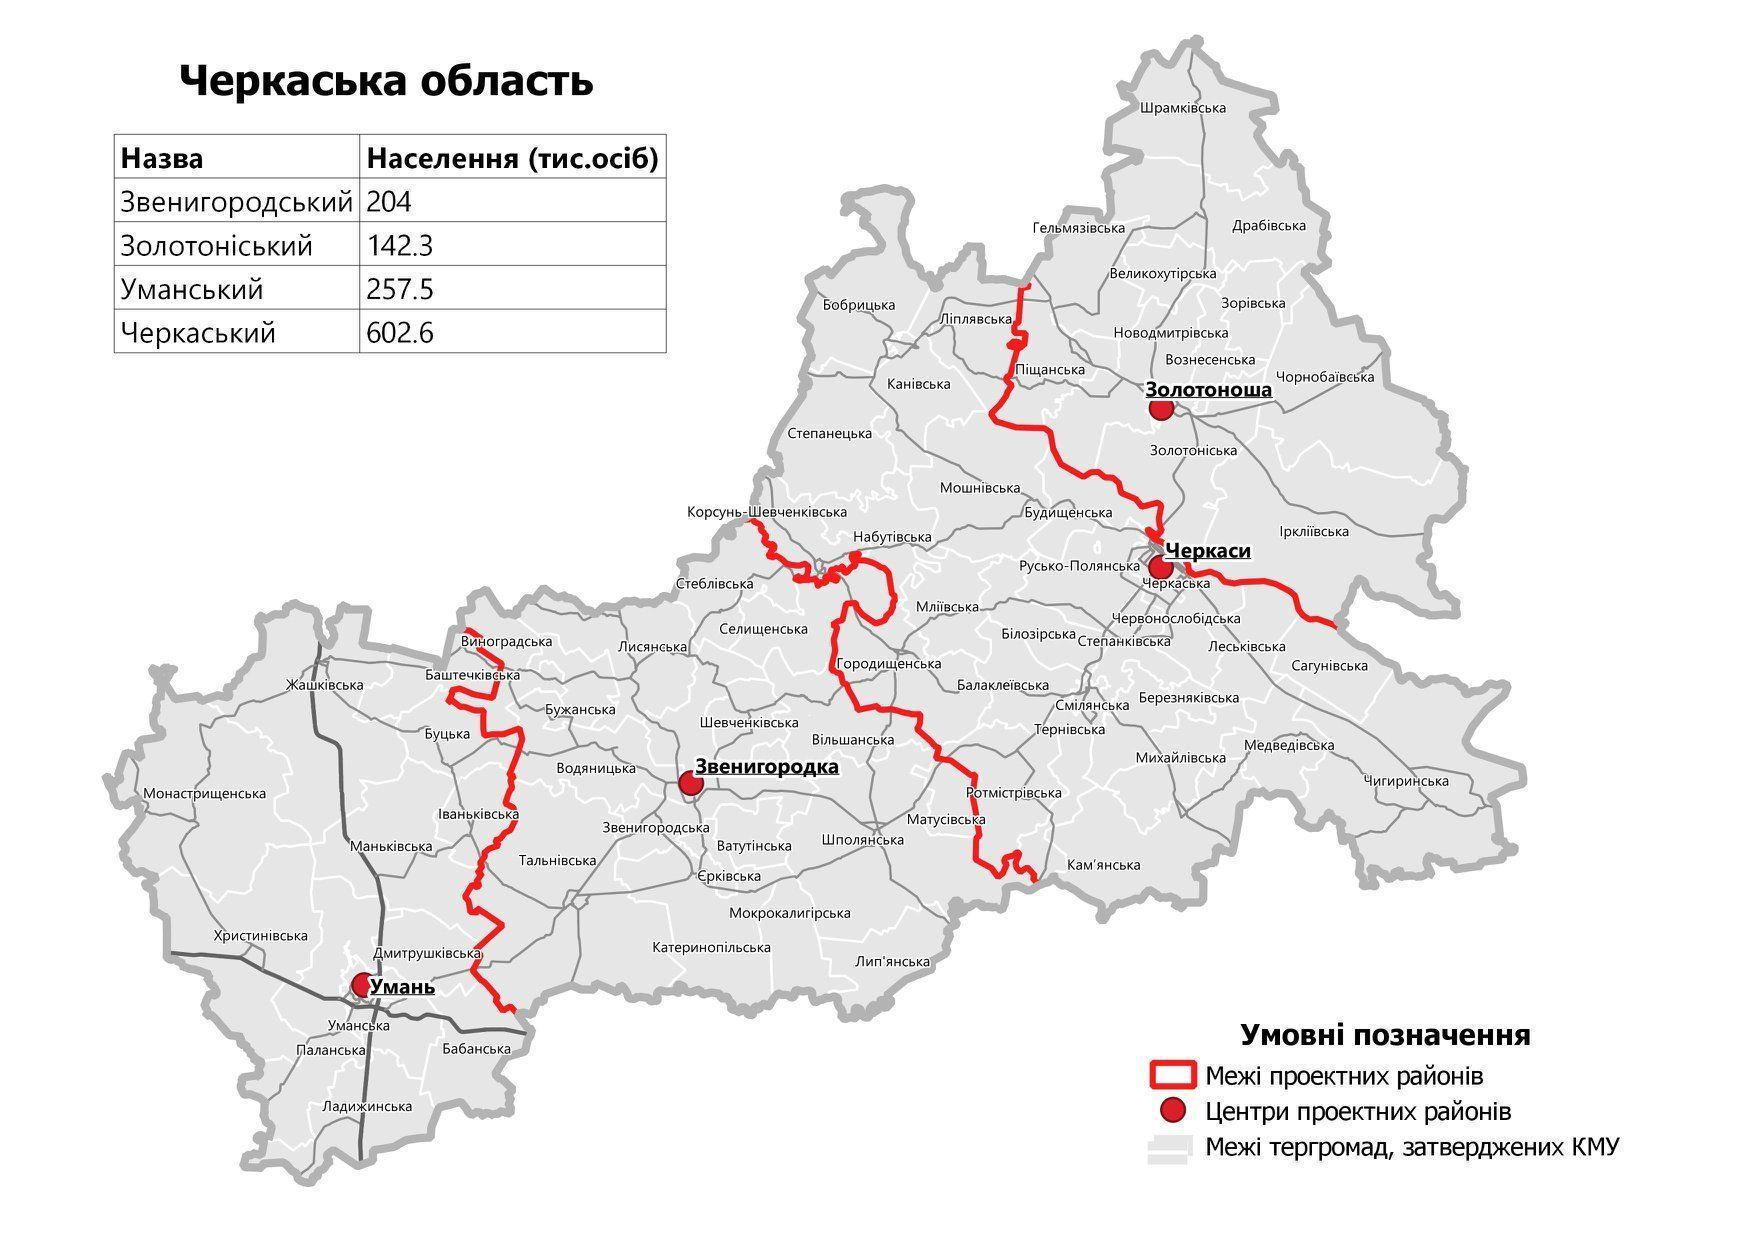 Мапа нових районів_23